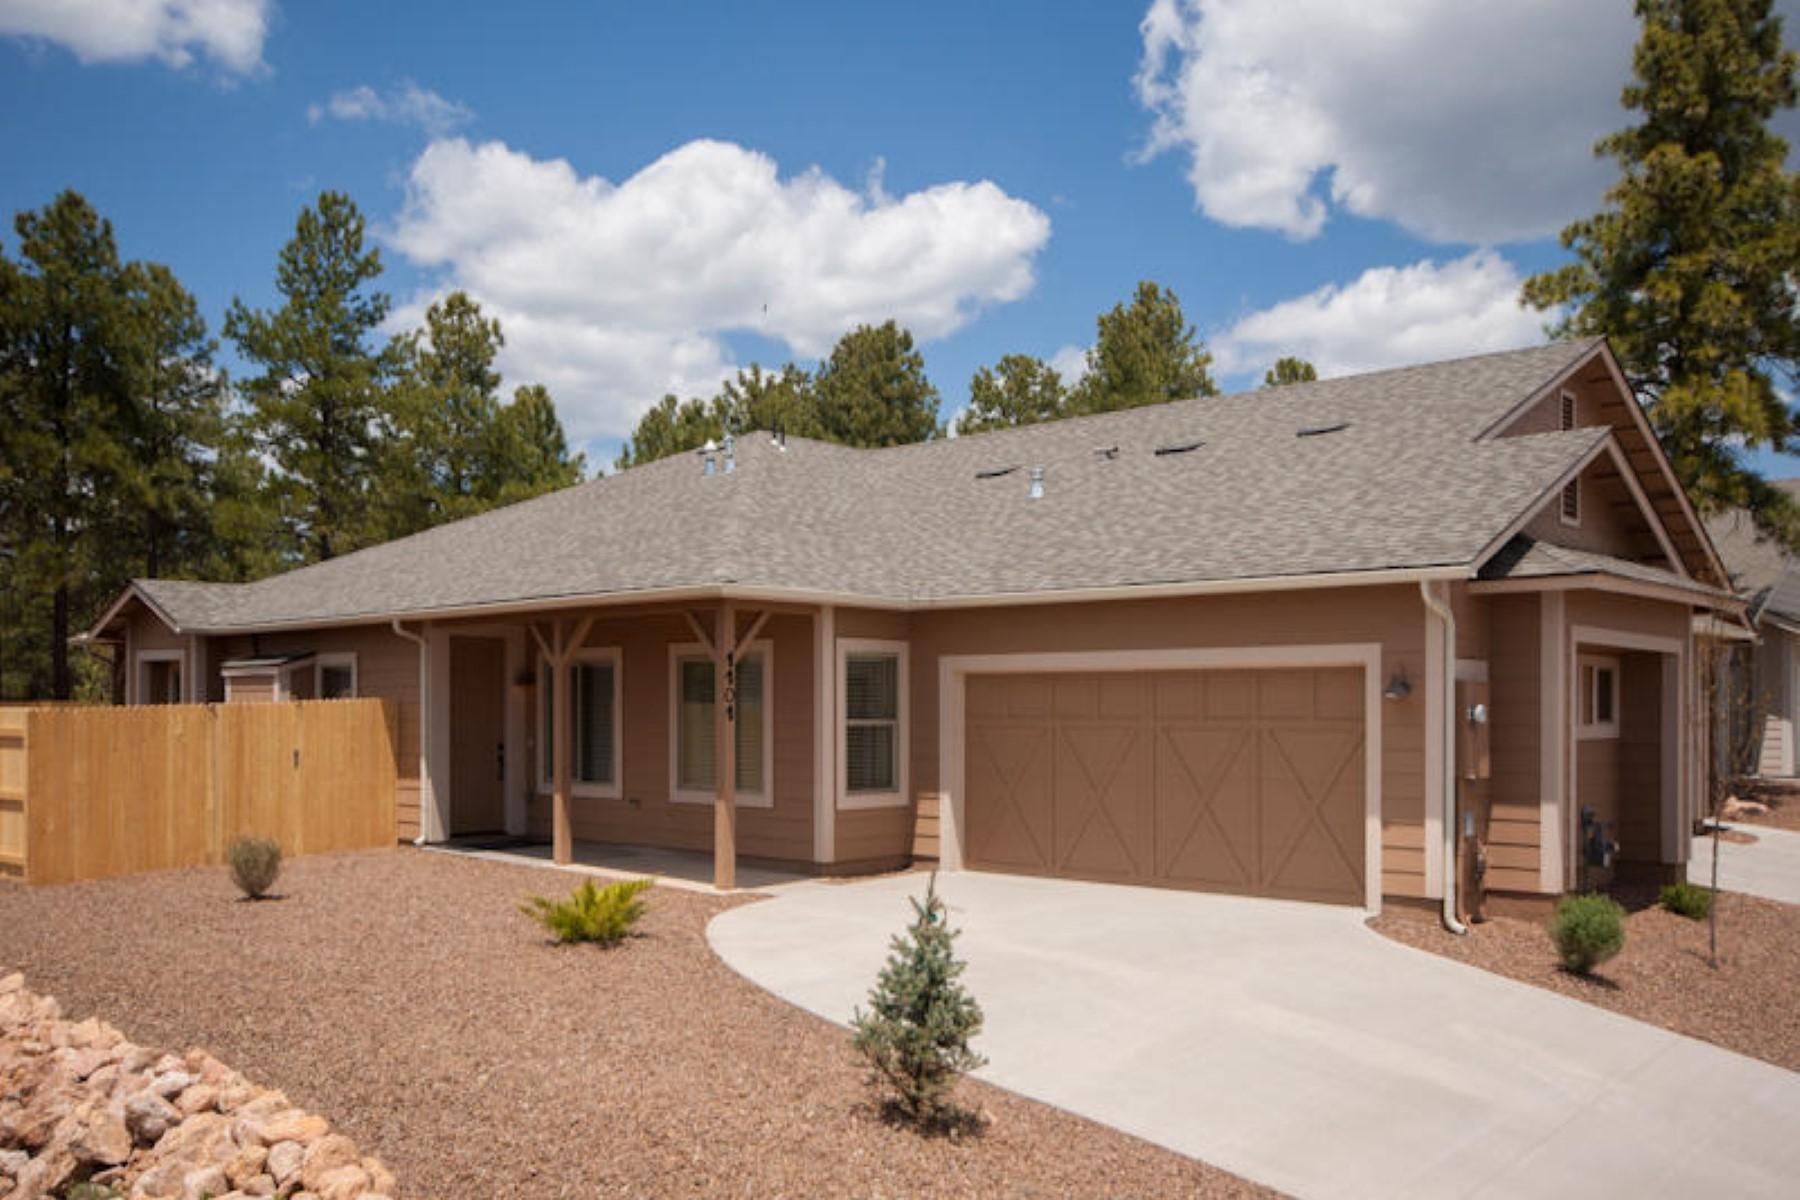 Maison unifamiliale pour l Vente à Miramonte Homes at Forest Springs Phase II 3000 E Cold Springs TRL Lot 35 Flagstaff, Arizona 86004 États-Unis